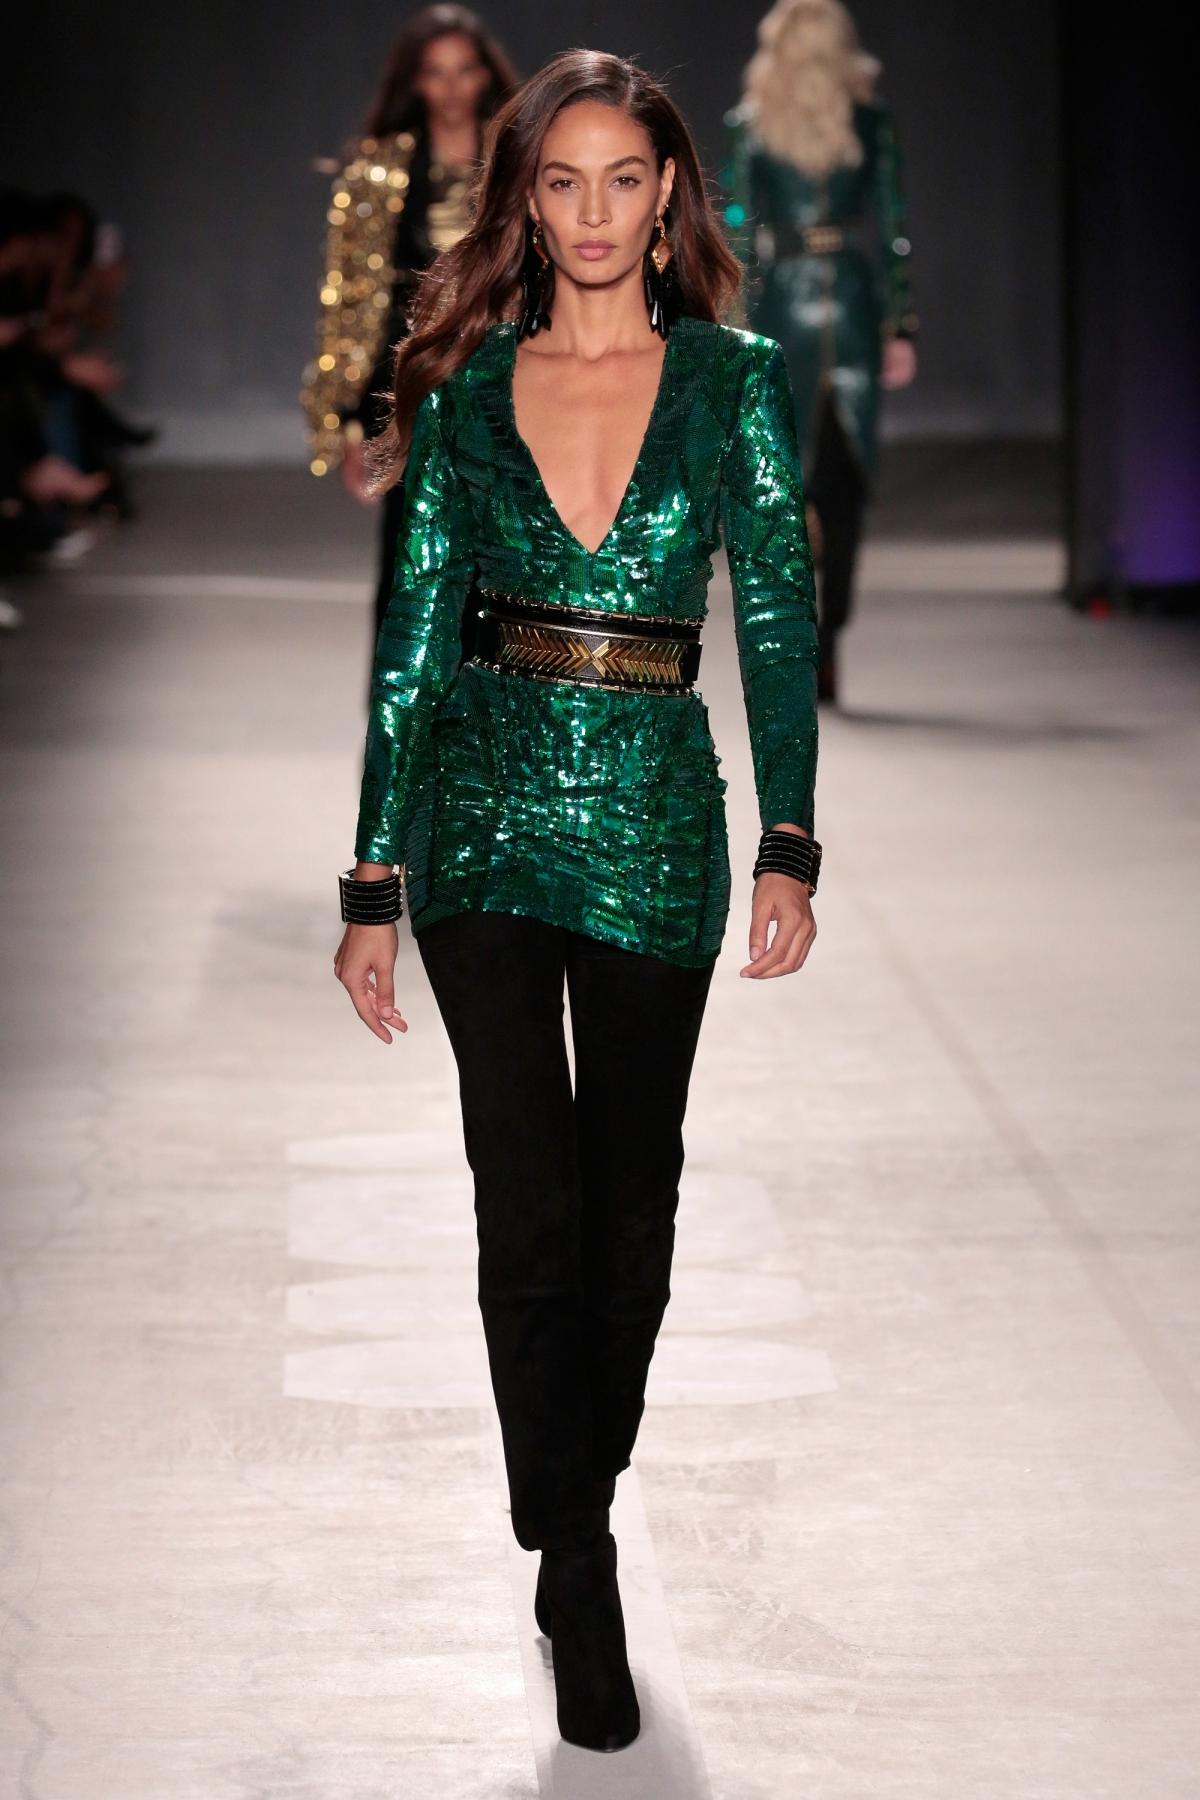 Joan Smalls Balmain x H&M